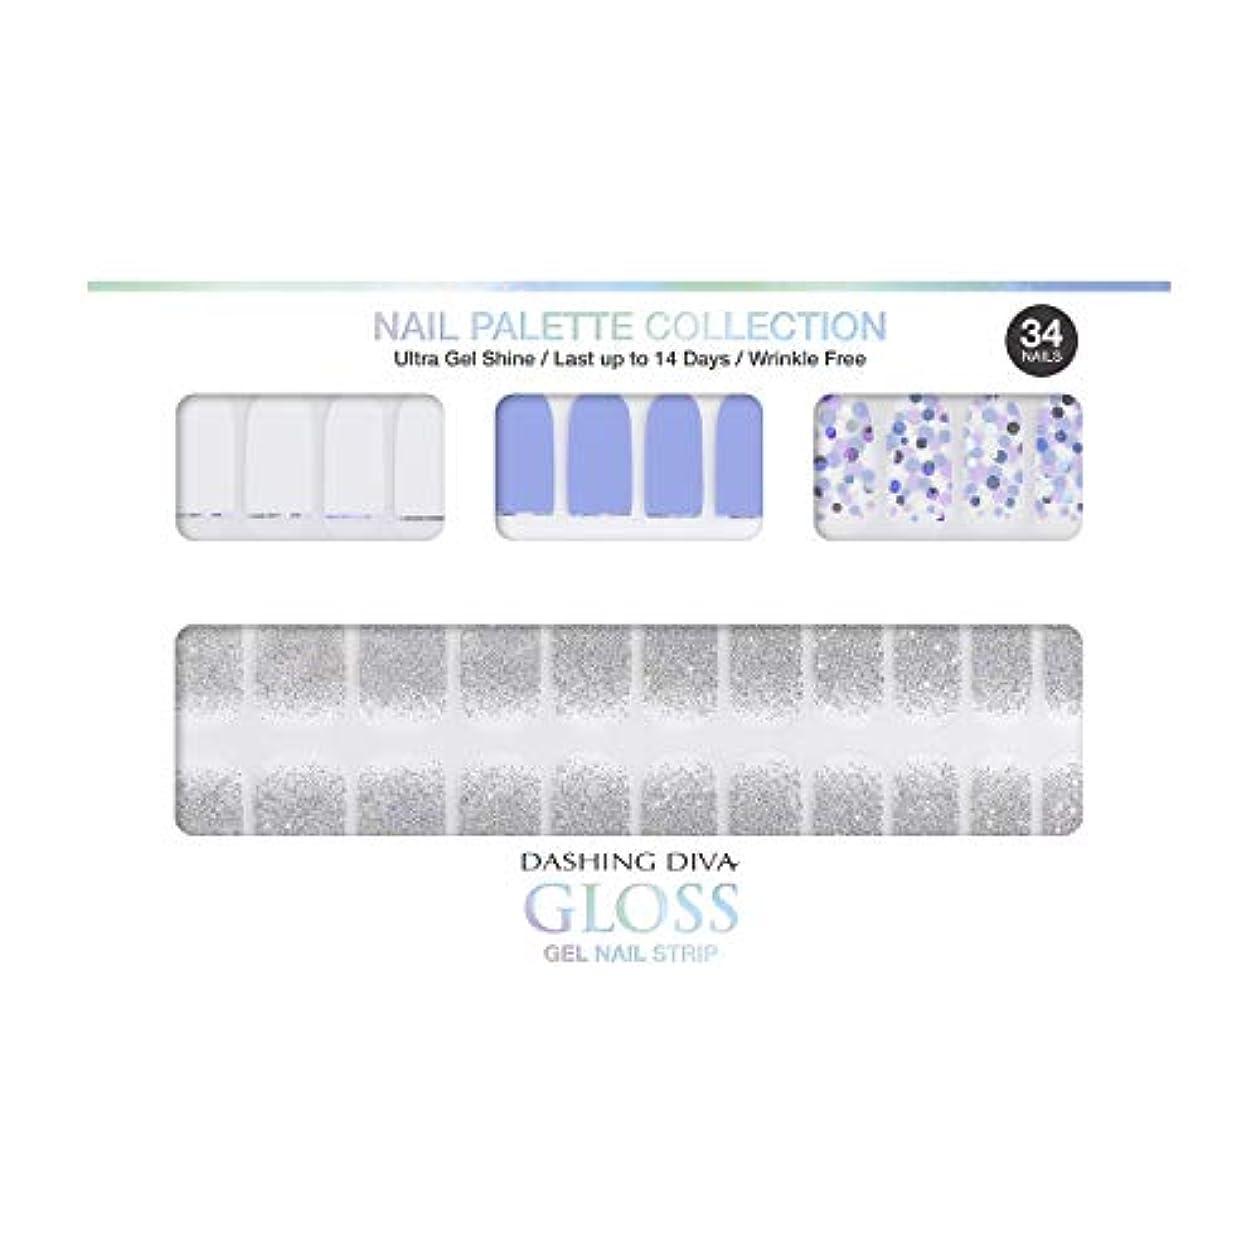 突き出す脆い対象ダッシングディバ グロスジェル ネイルストリップ DASHING DIVA Gloss Gel Nail Strip DGNP09-DURY+ オリジナルジェル ネイルシール Ice #09 Sprinkler